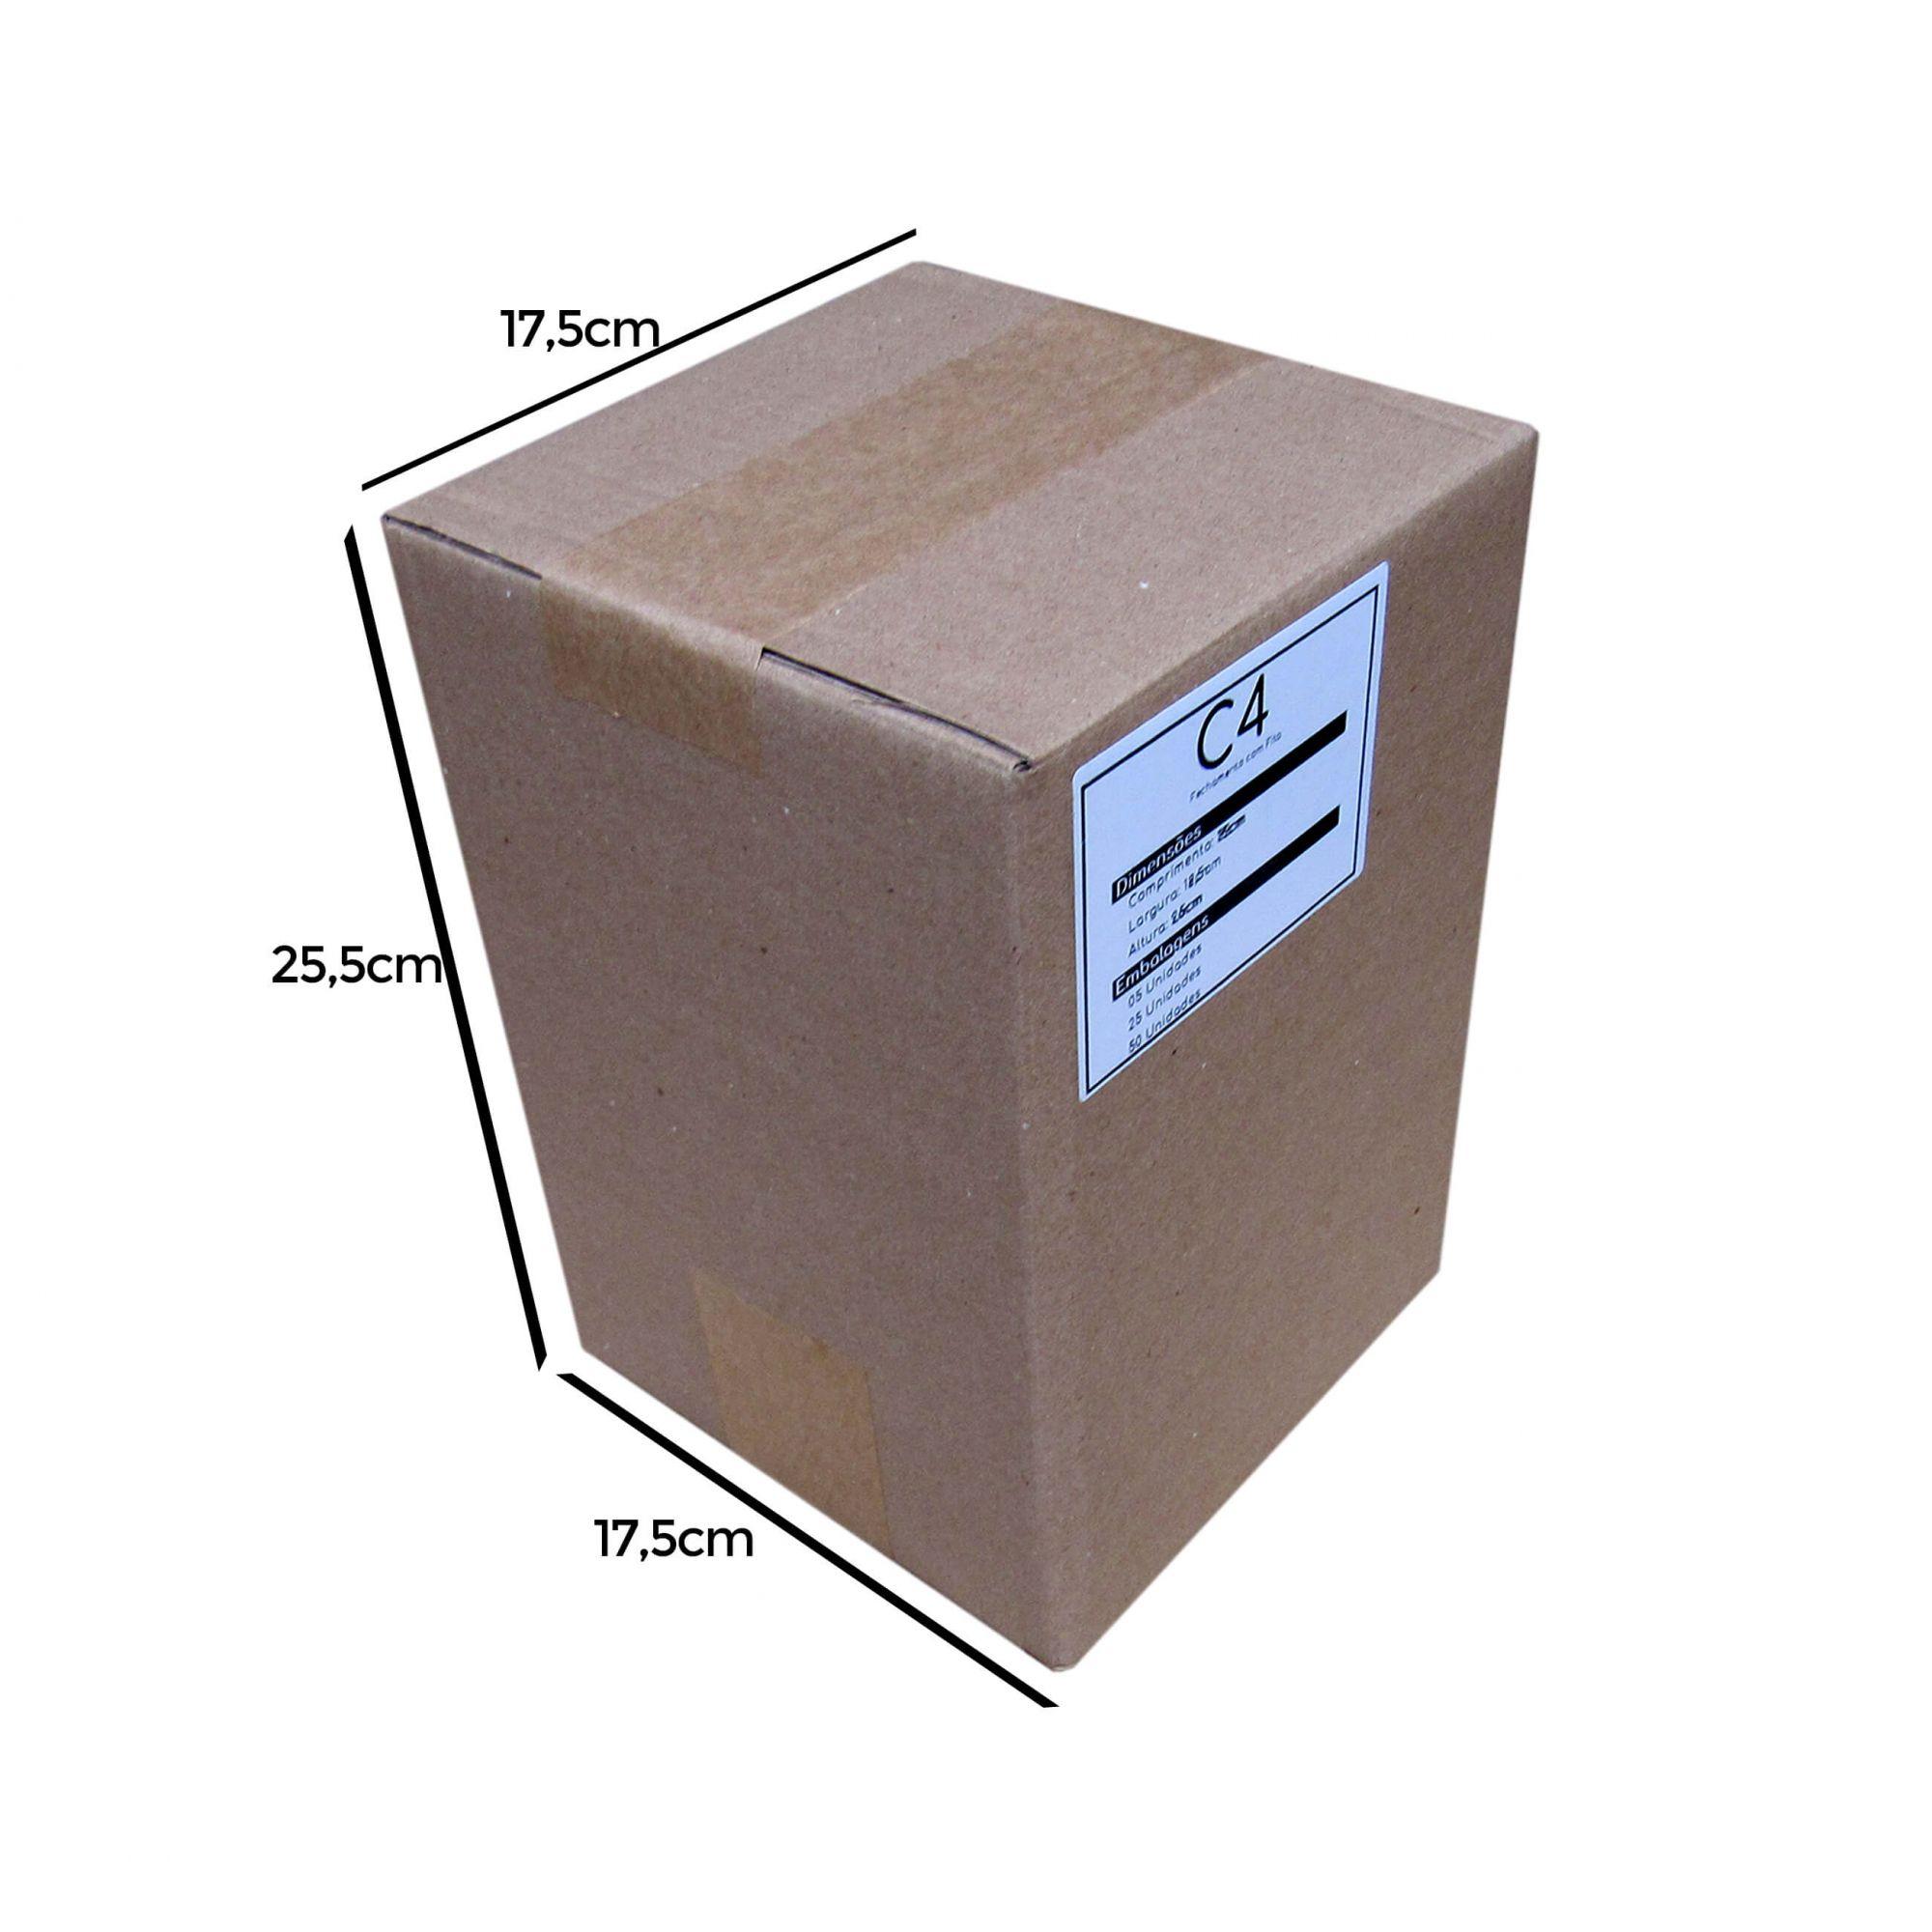 Caixa de Papelão para correios C4 18x18x26cm Marpax 25 un